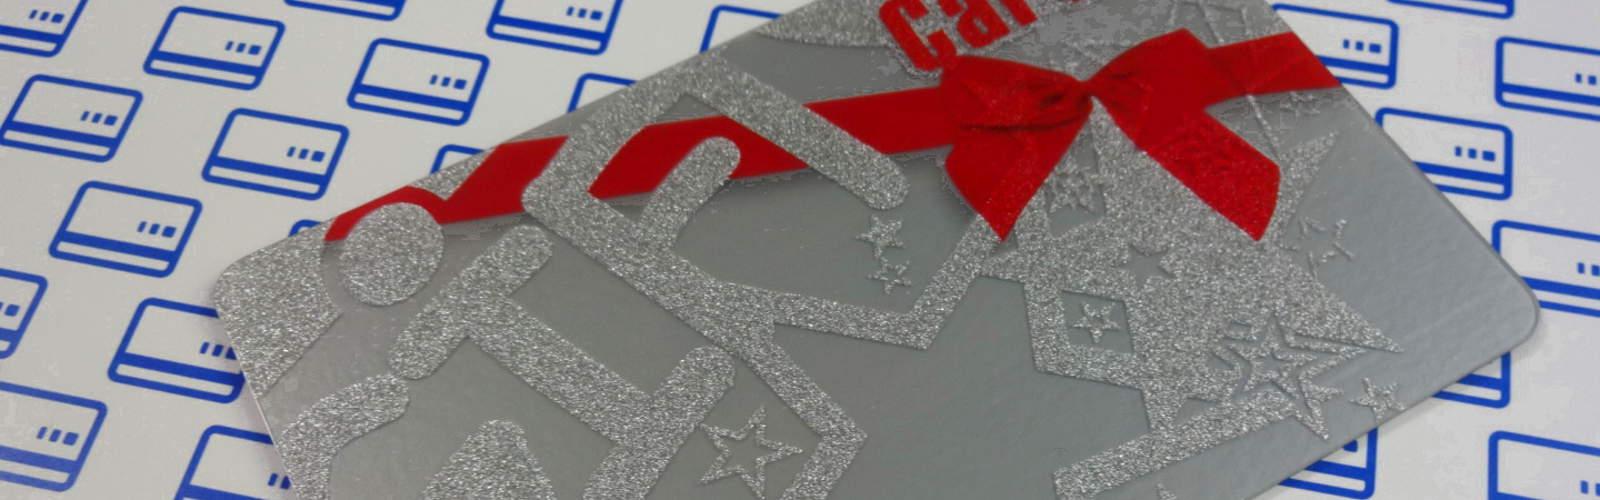 Karta podarunkowa o srebrnym PVC i zadruku metalicznym srebrem